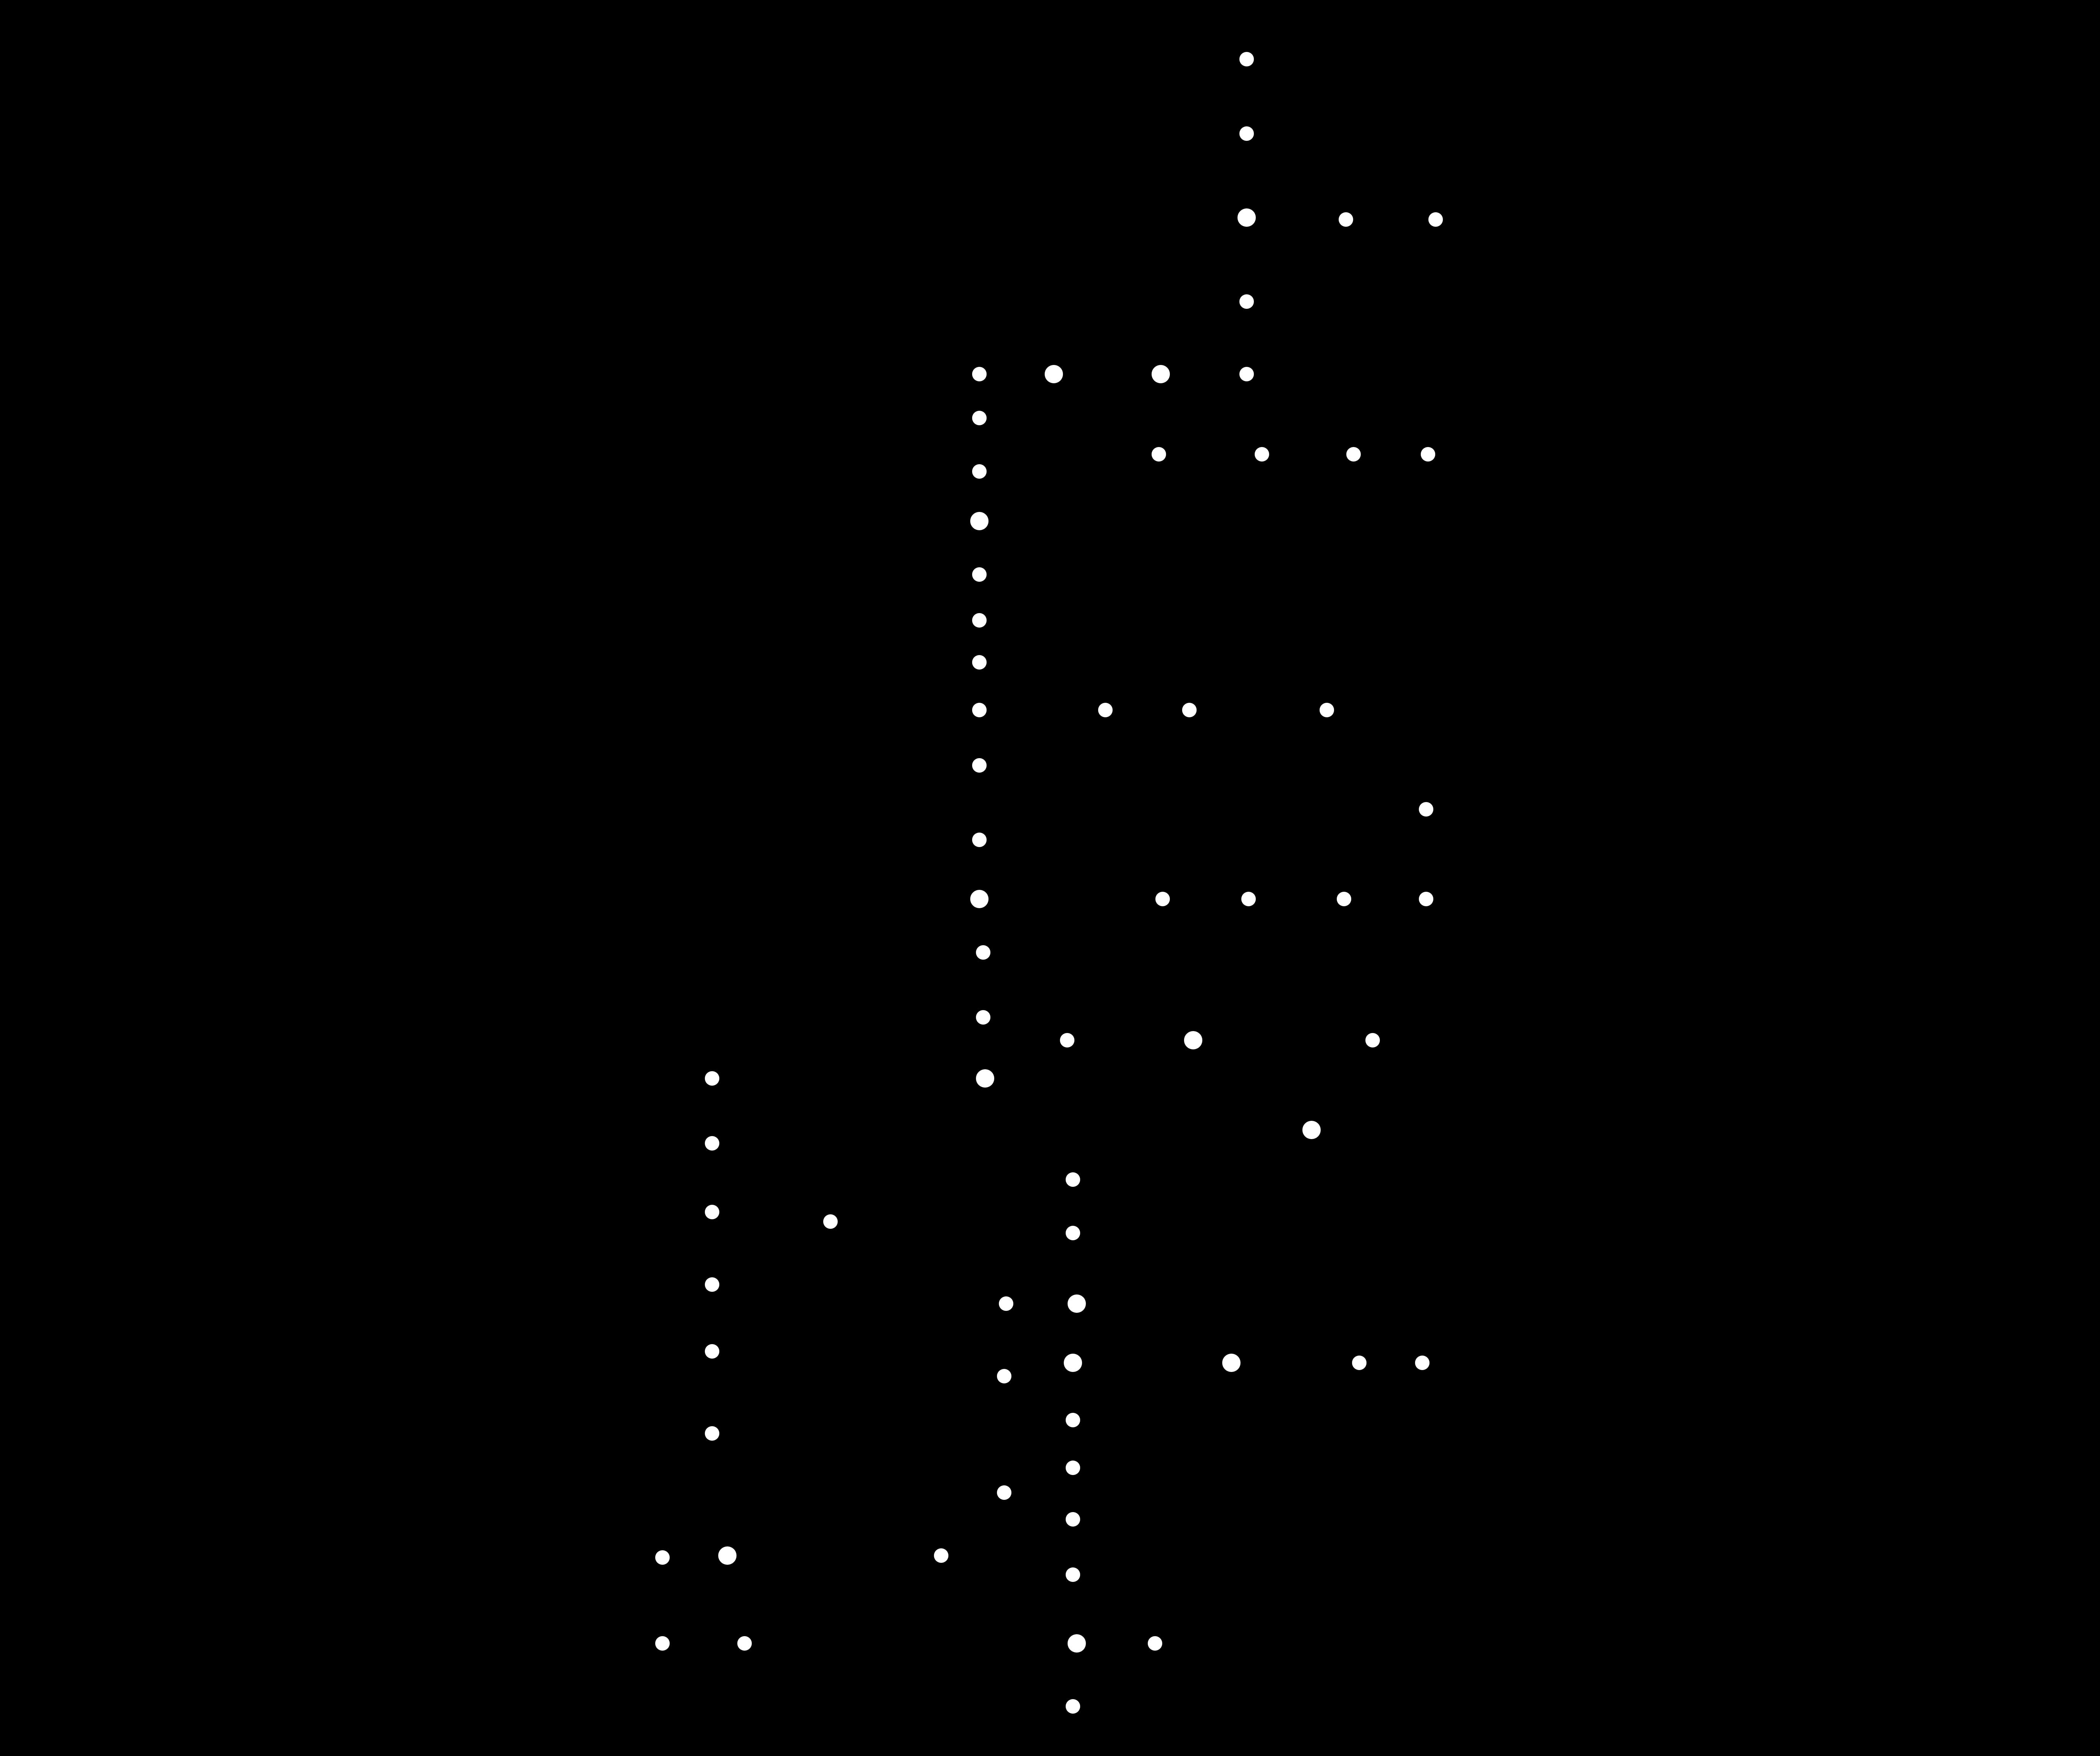 ענק File:מפת רכבת ישראל.png - Wikimedia Commons QY-15